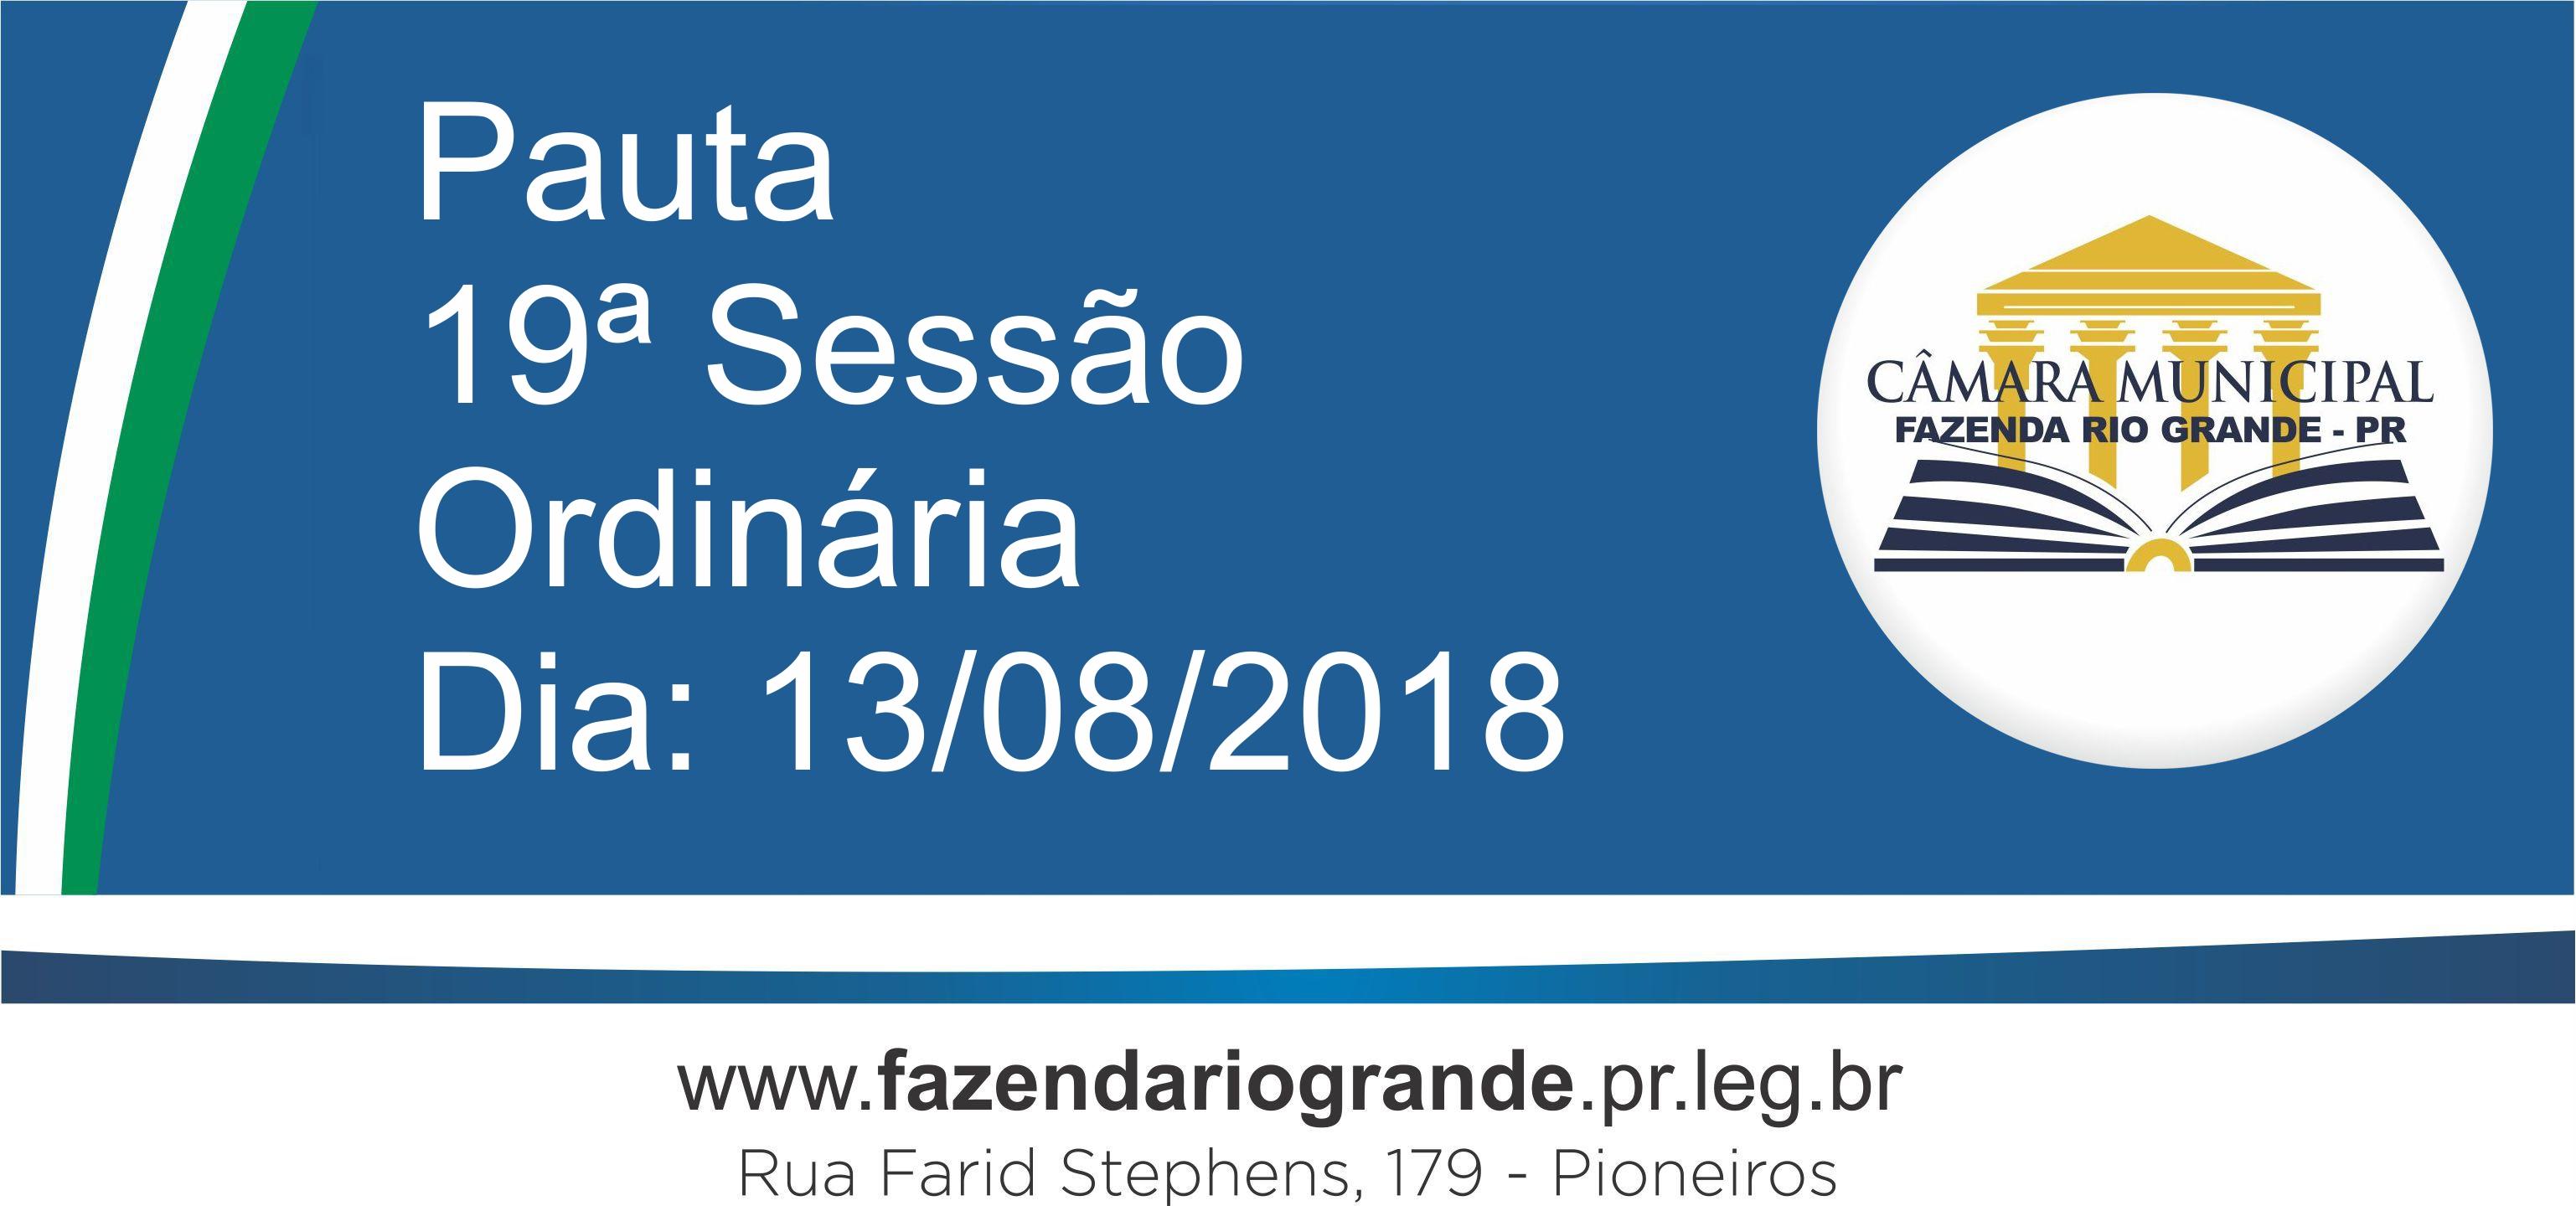 Pauta da 19ª Sessão Ordinária 13/08/2018